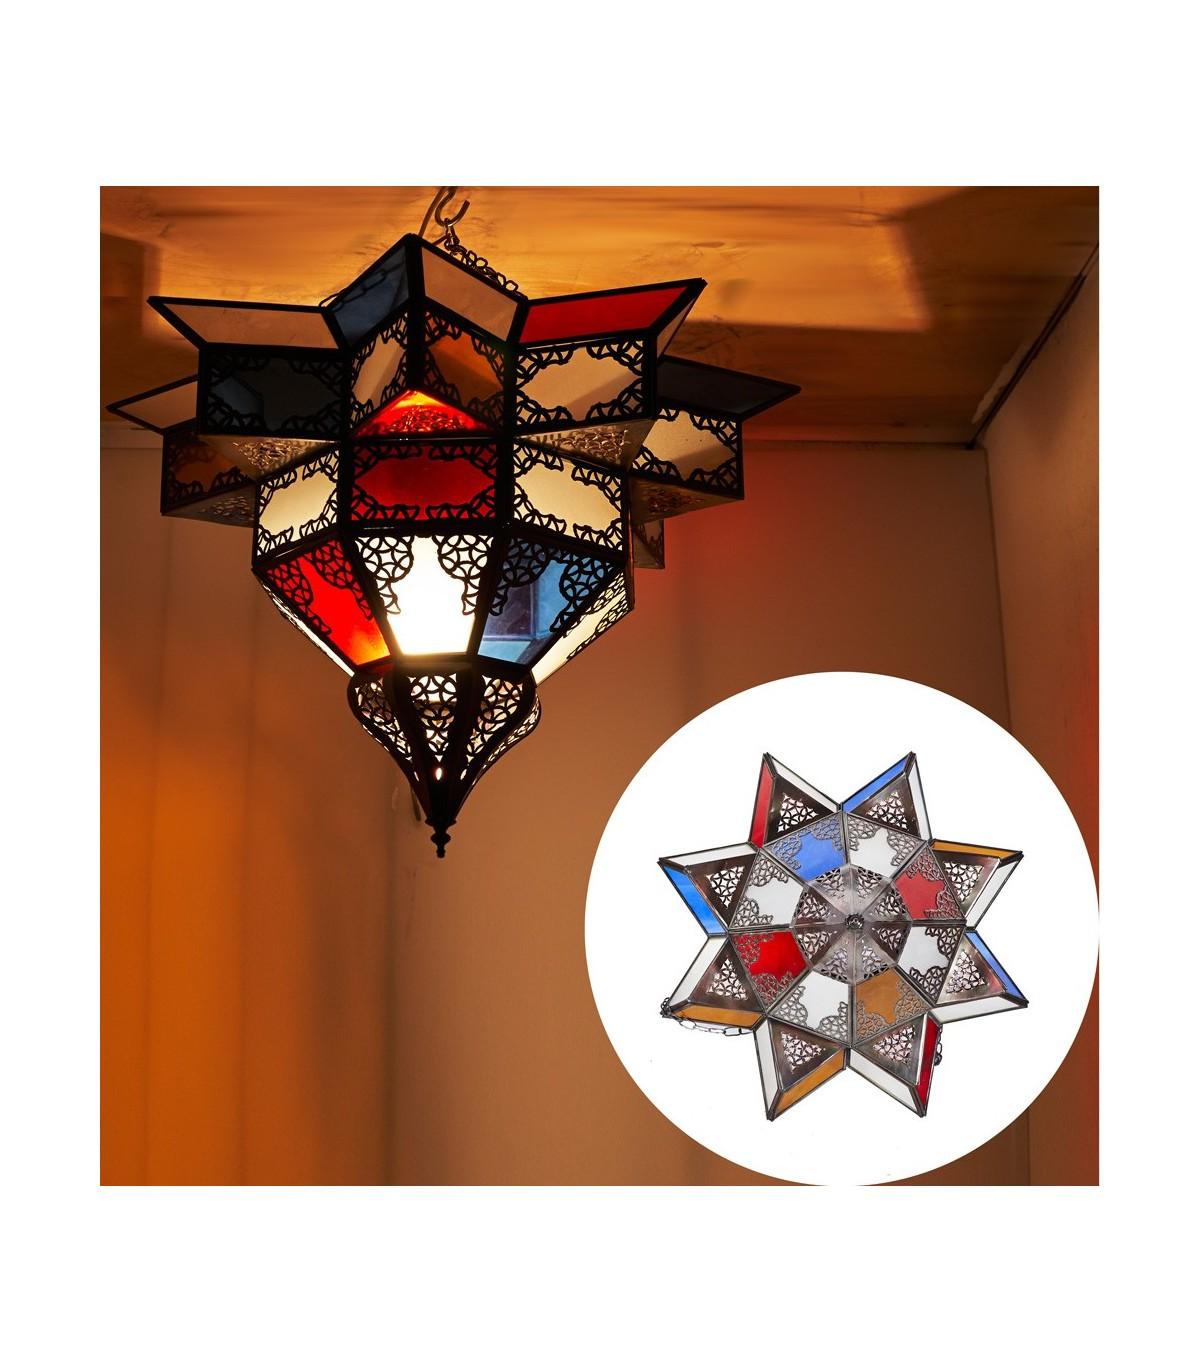 Full Size of Holzlampe Decke Arabische Lampe Mehrfarbige Kristalle Entwurf Wohnzimmer Deckenlampe Deckenleuchte Küche Deckenlampen Für Deckenleuchten Schlafzimmer Led Bad Wohnzimmer Holzlampe Decke